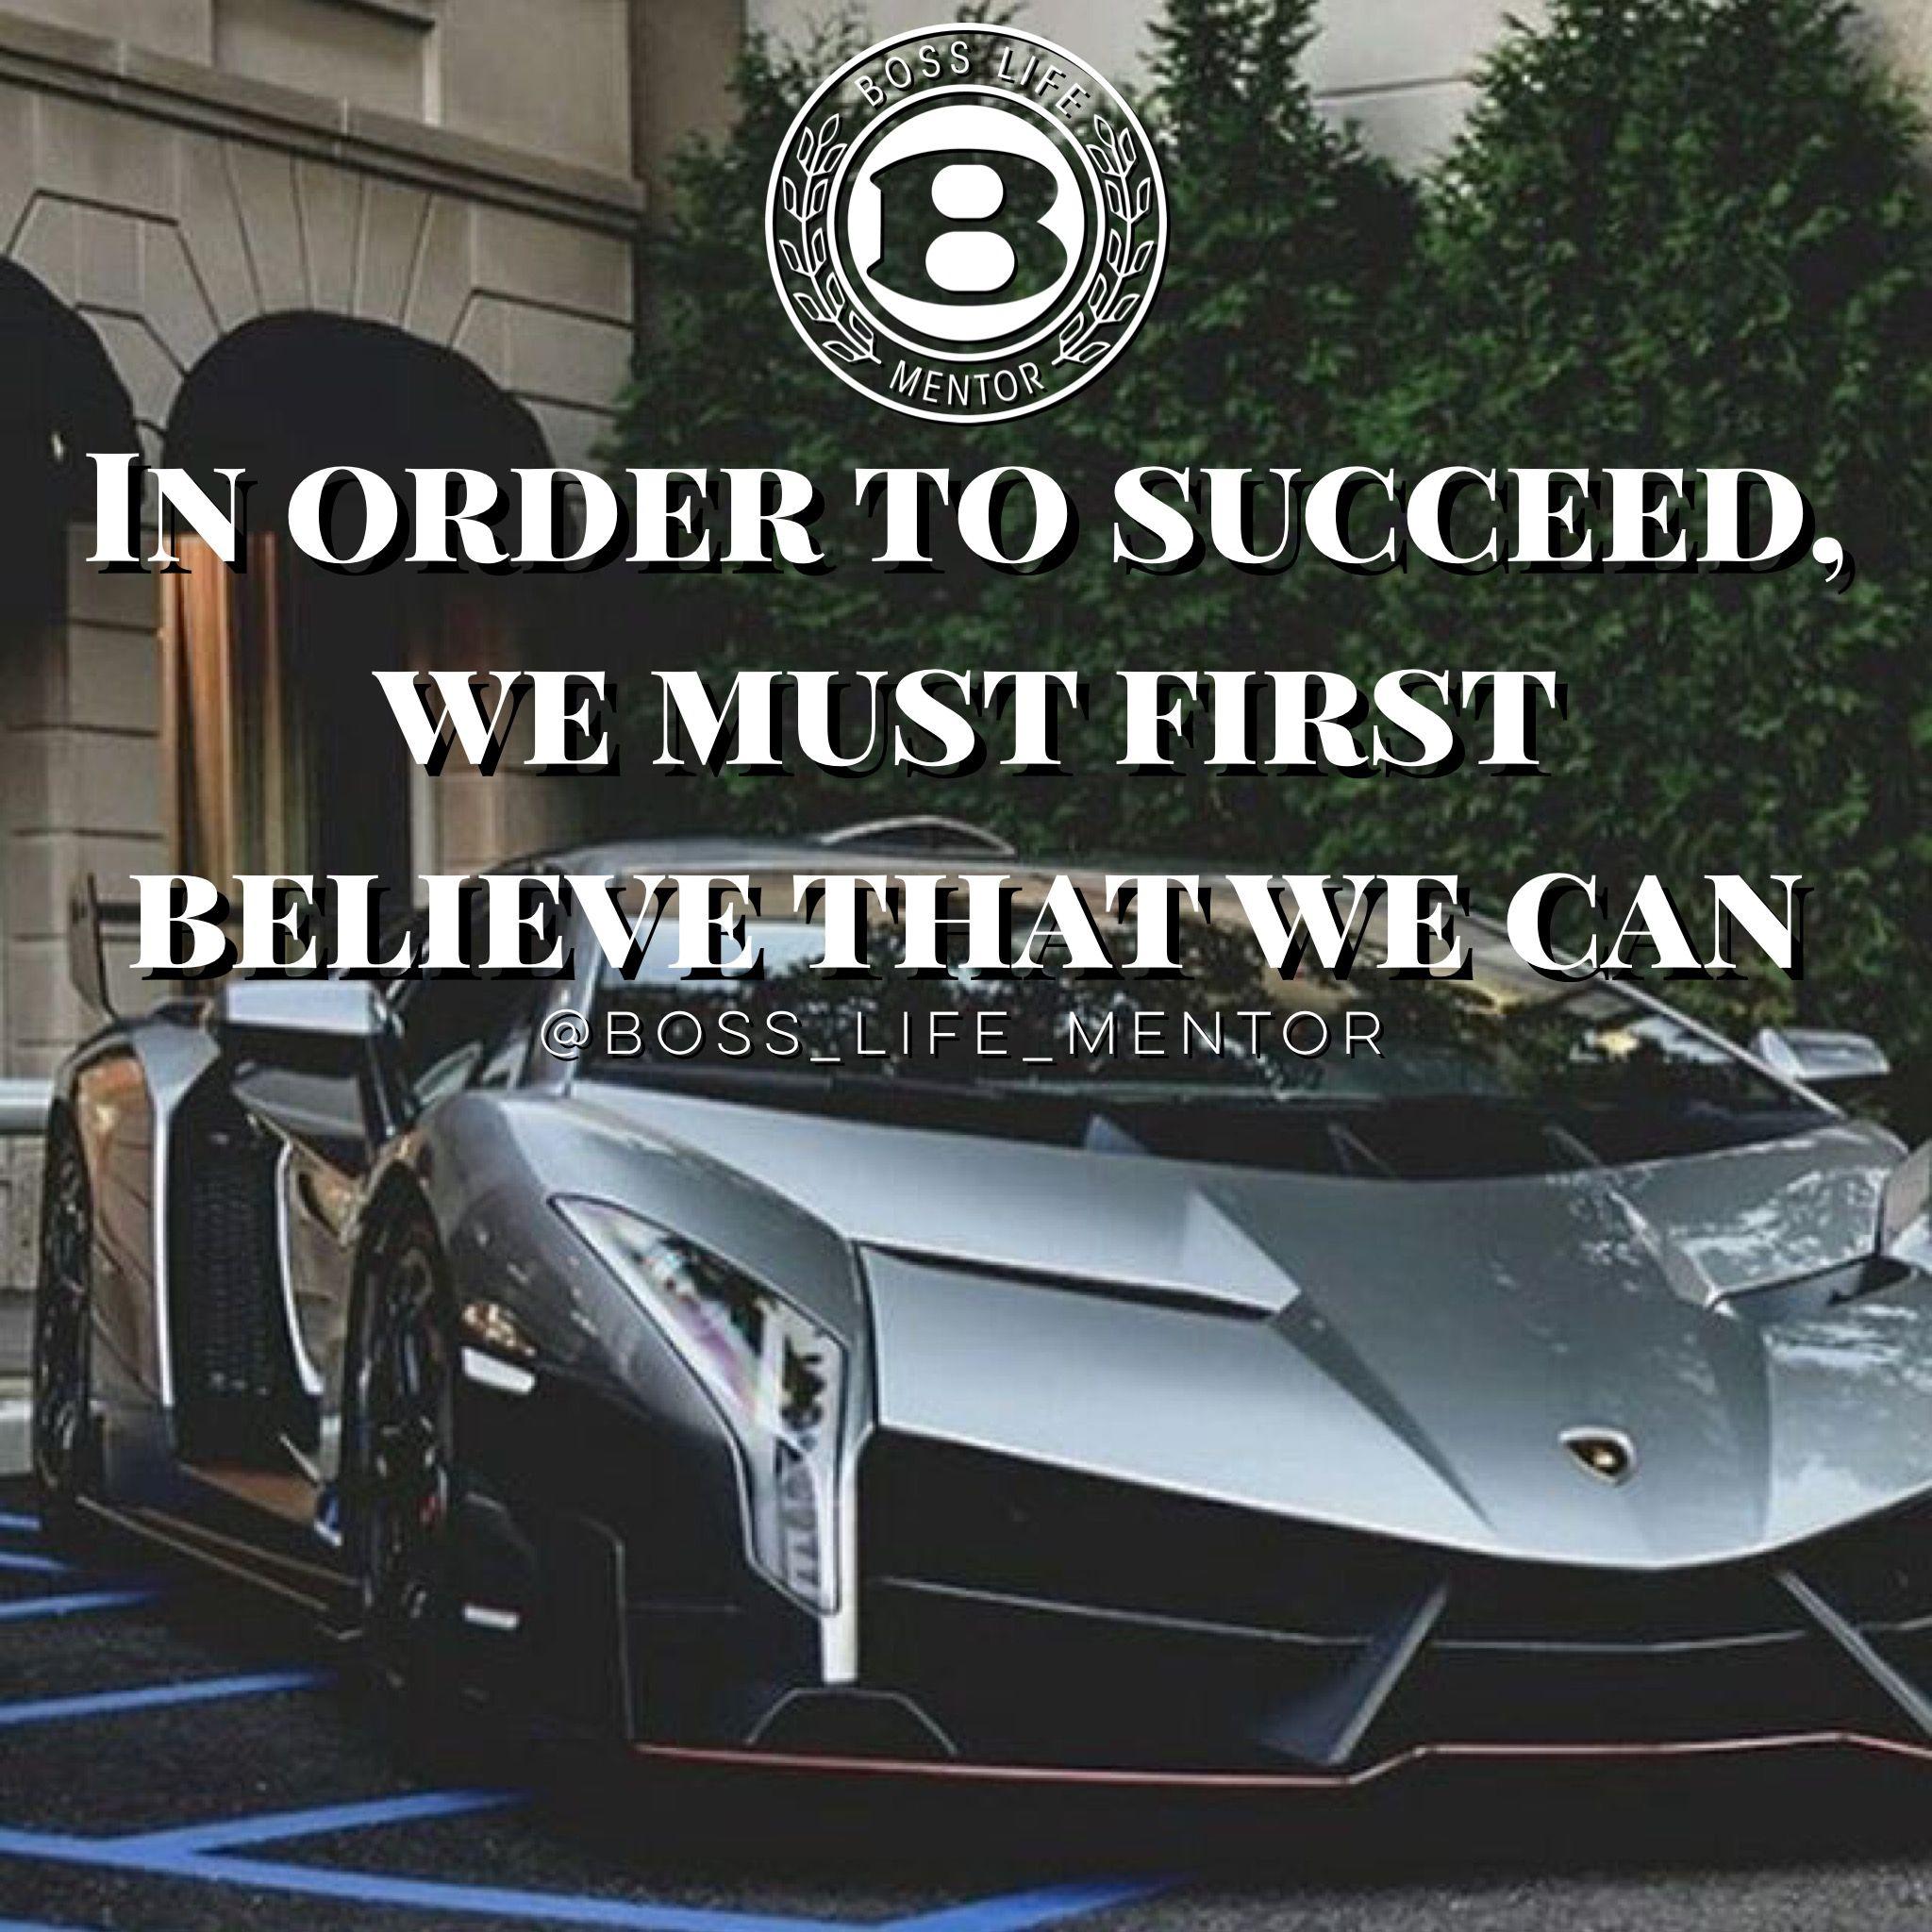 Quotes Quote Millionaire Lifestyle Success Inspiration Motivation Entrepreneur